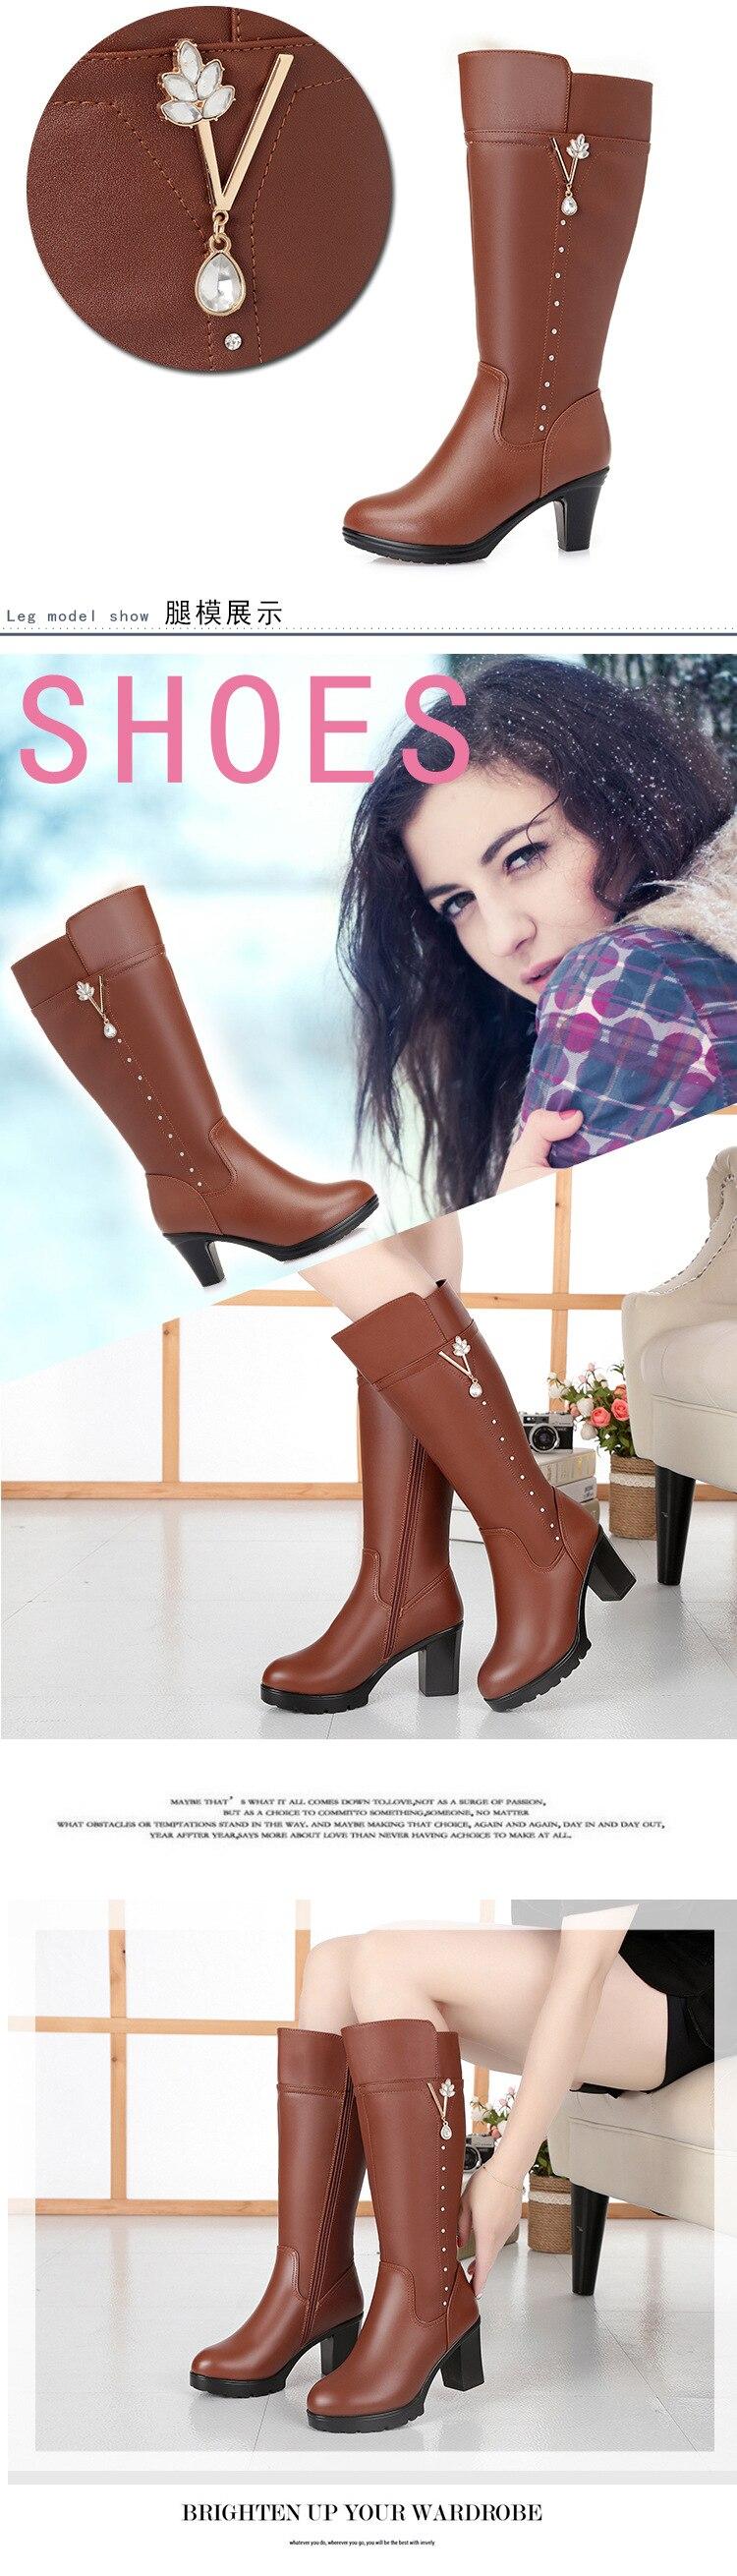 Женские зимние высокие сапоги новый стиль кожаные женские размер